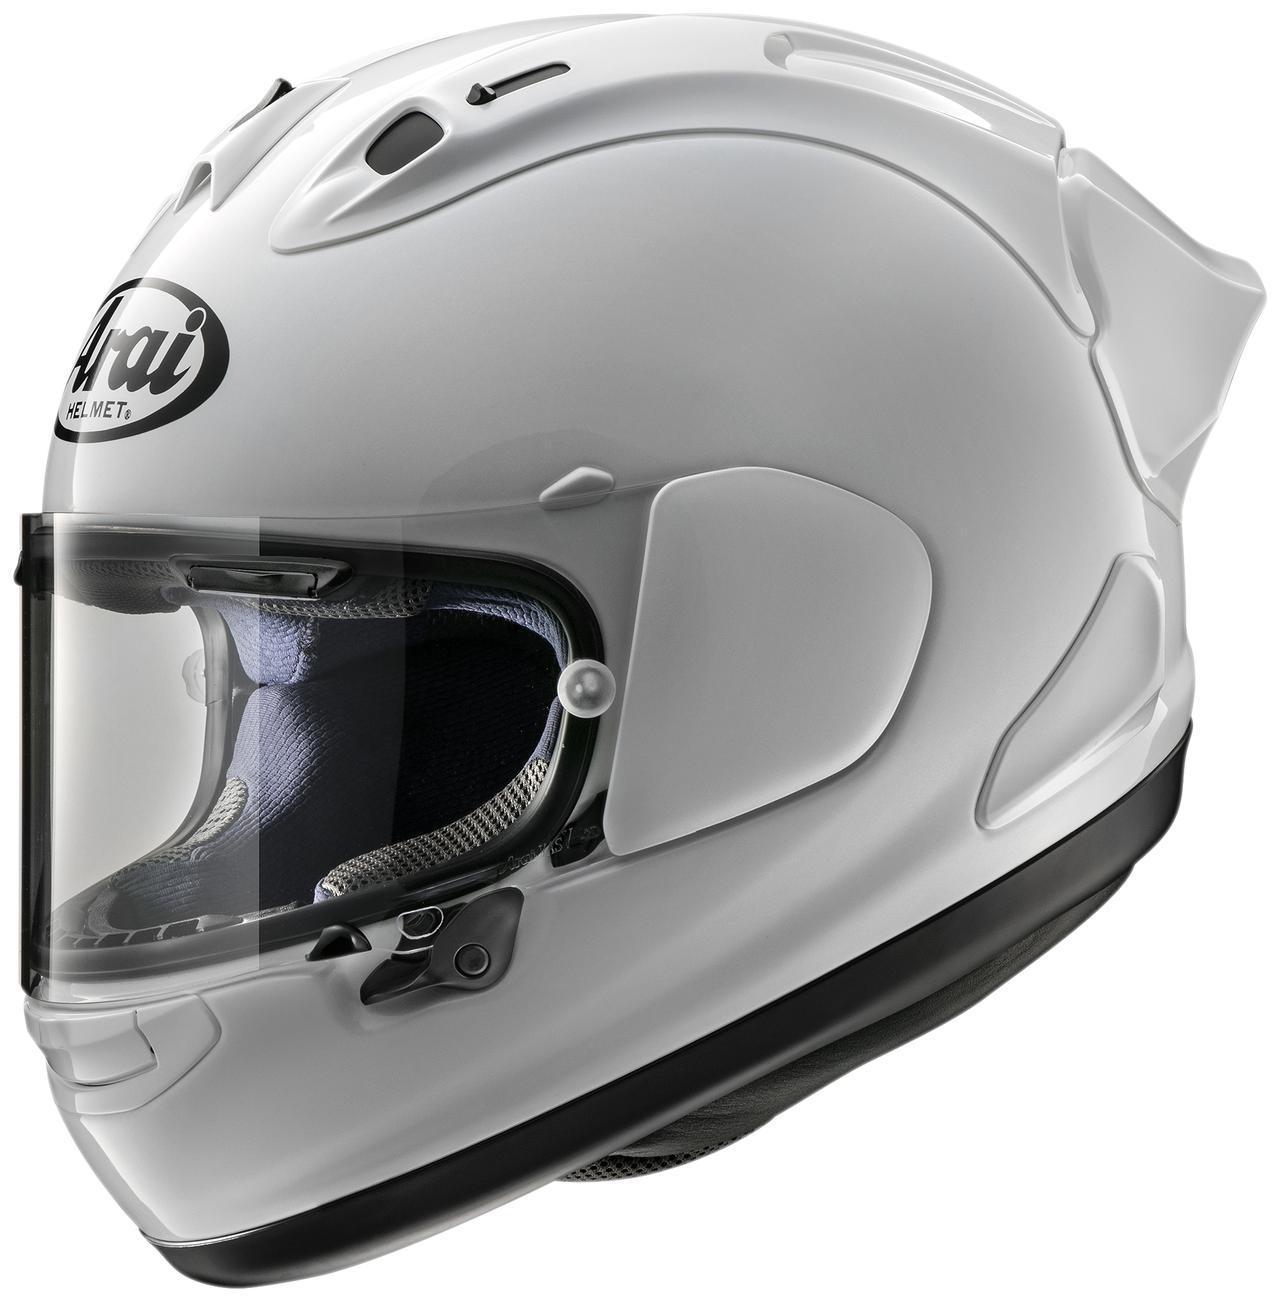 画像7: アライヘルメットが「RX-7X FIM Racing #1」を発表!! エアロデバイスを装備しながら「RX-7X」より軽い、新たなレーシングフルフェイスが誕生